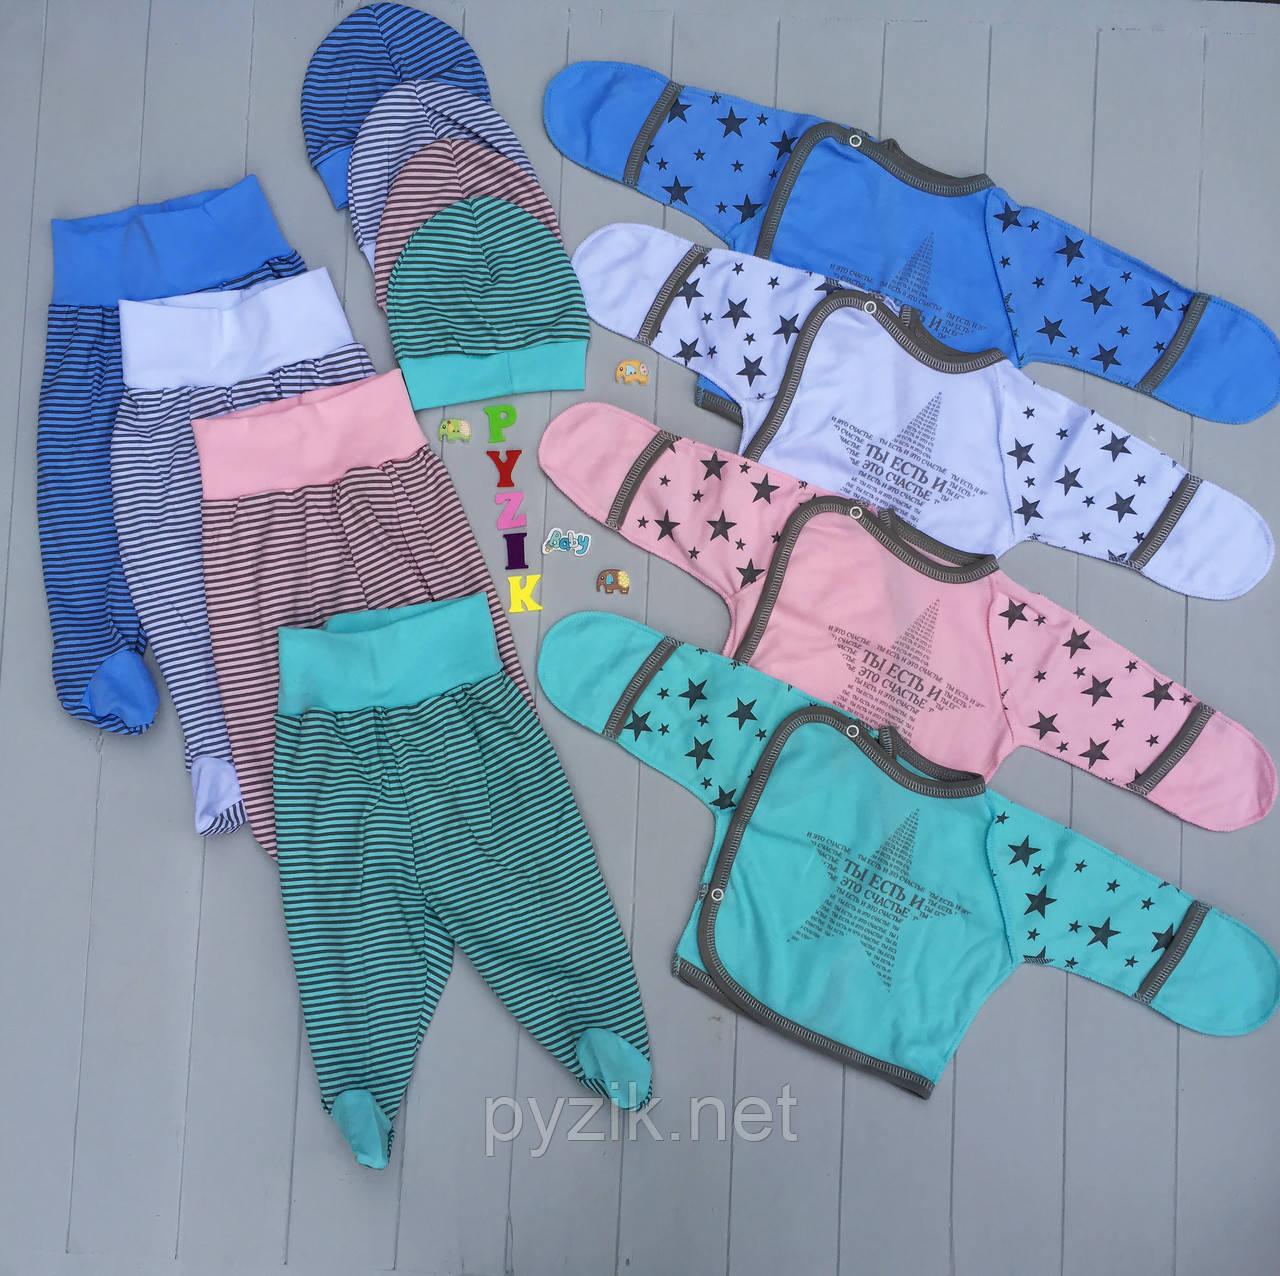 Комплект для новорожденного (распашонка+ползунки+шапочка) Звездопад 56 р, цвет на выбор